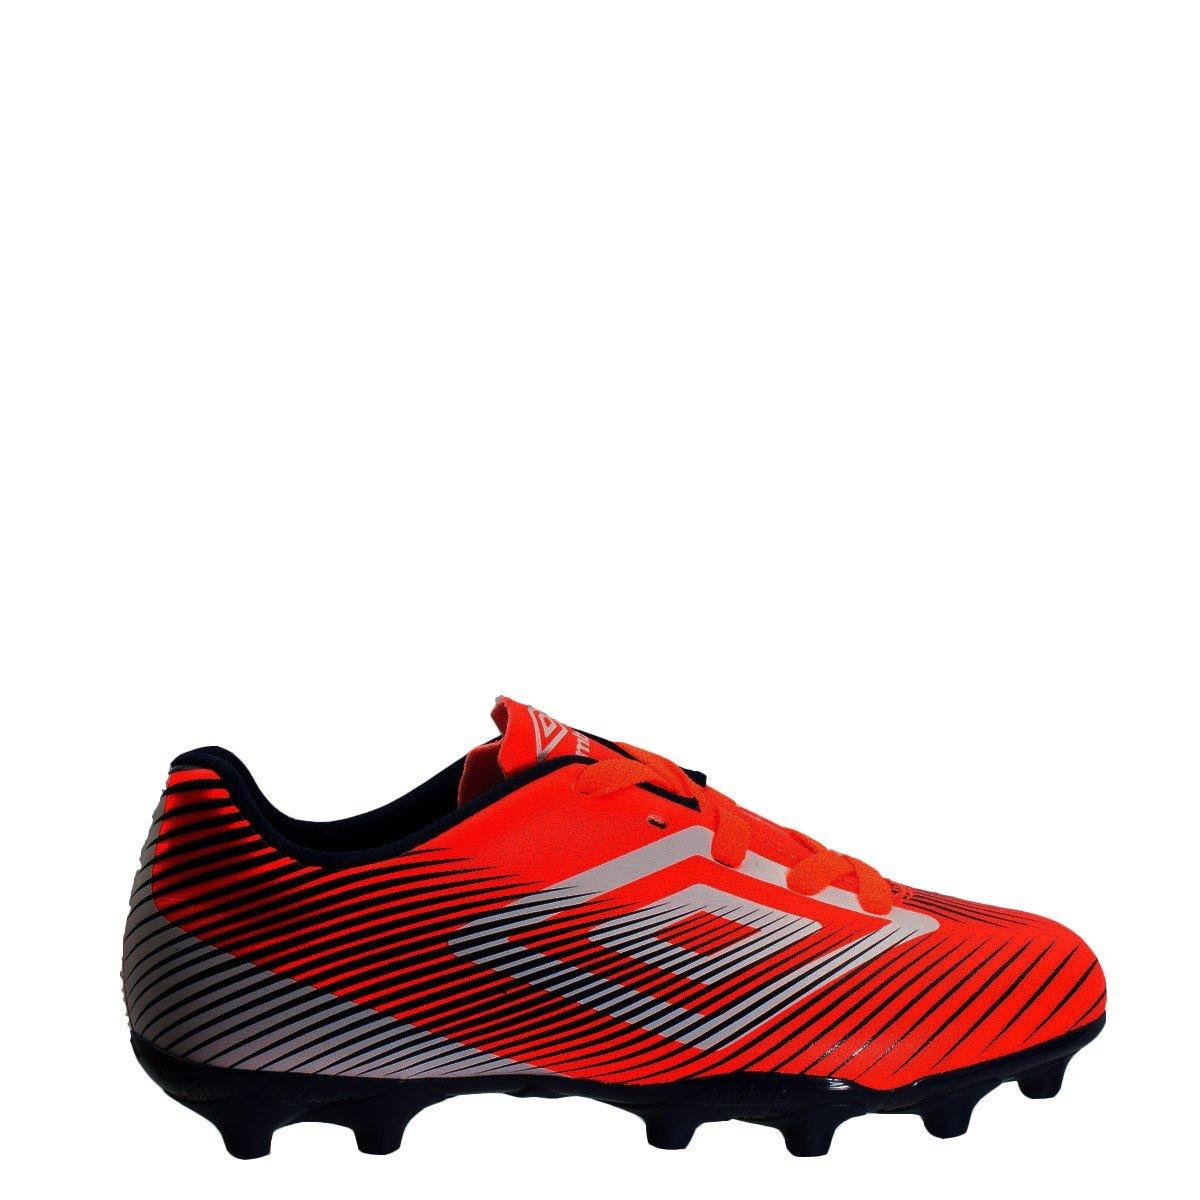 121fbcb022fbd Chuteira Infantil Futebol de Campo Umbro Speed II JR 0f80014 - Compre Agora